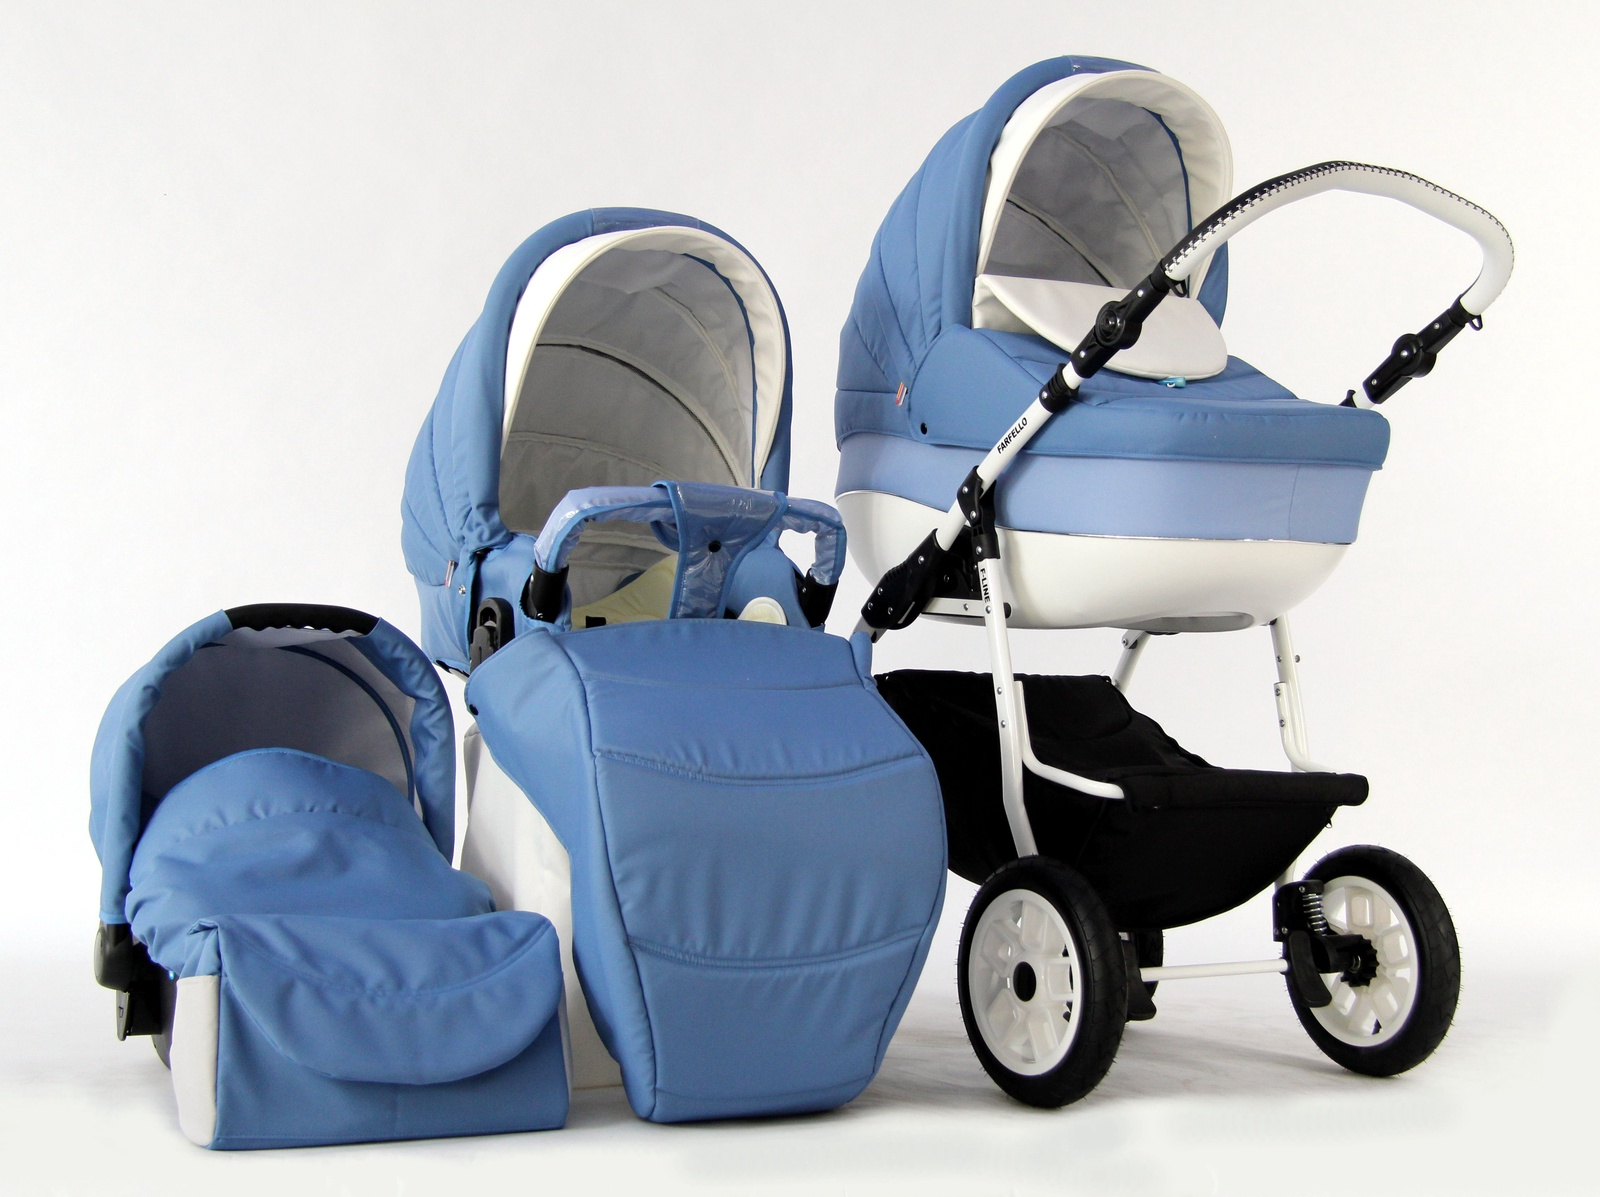 Коляска-люлька Farfello FORTUNA F-line 3в1 голубой коляска модульная vikalex ferrone 2 в 1 leather white vi72301